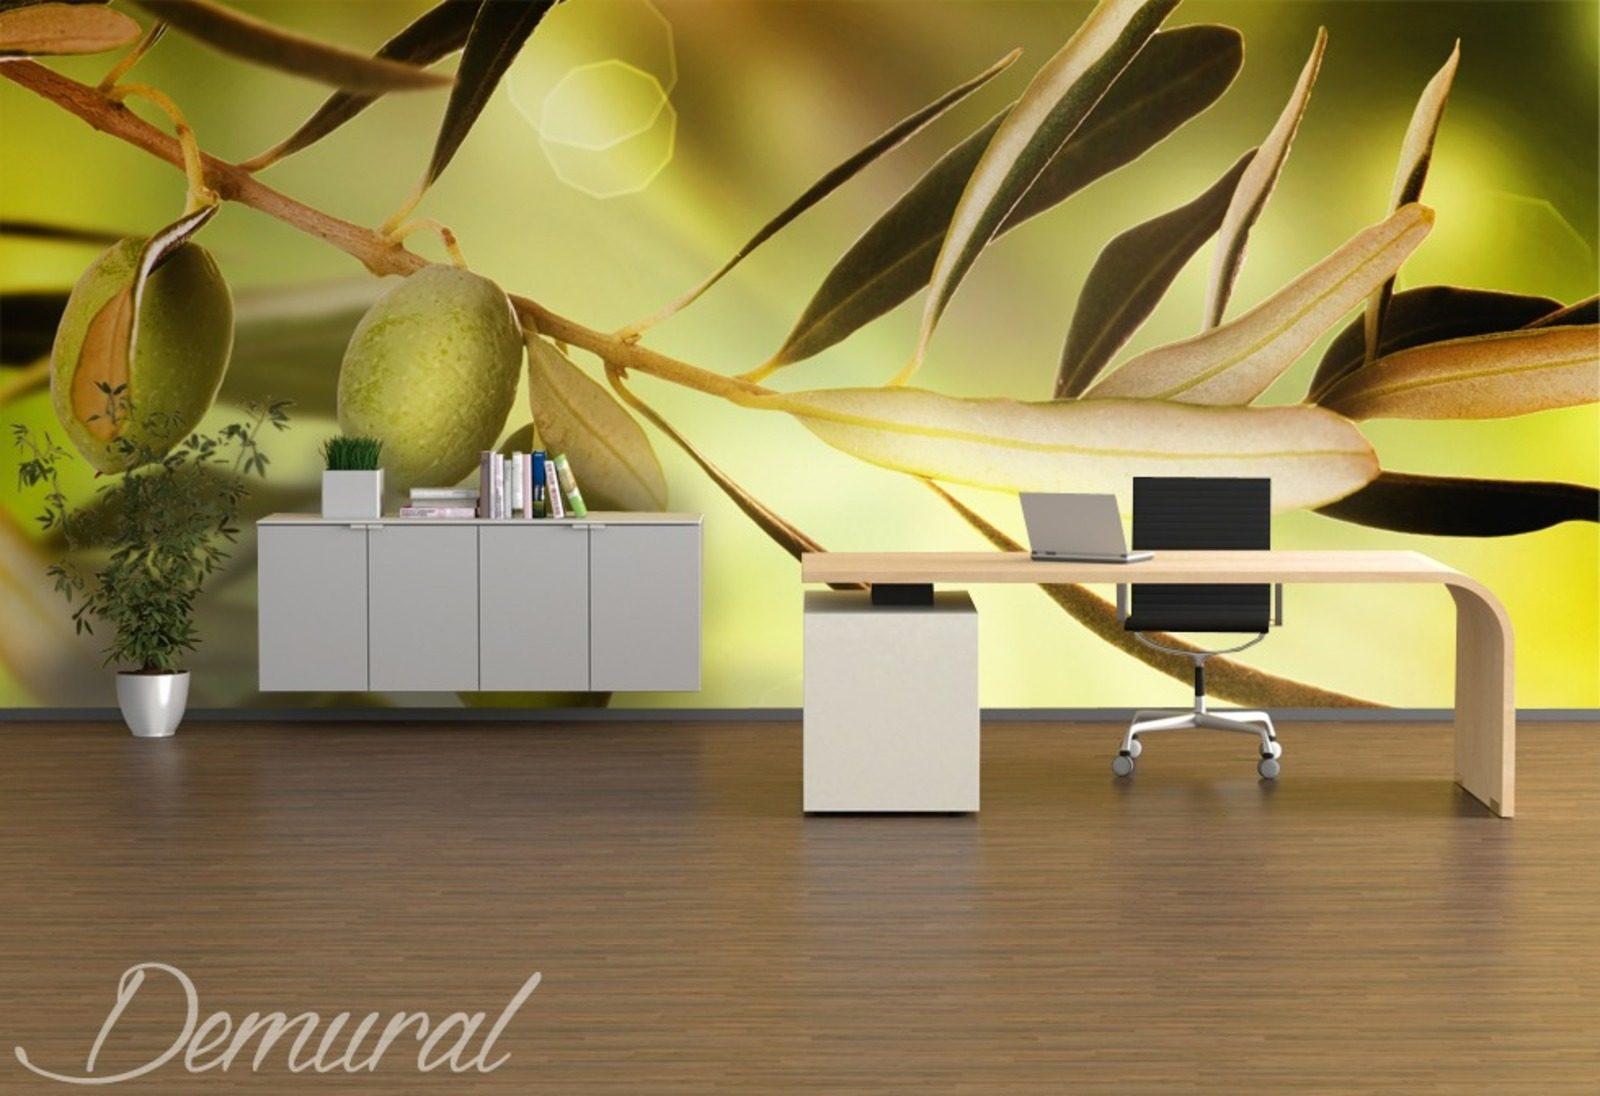 dans la f ret des bureaux papiers peints pour le bureau papiers peints demural. Black Bedroom Furniture Sets. Home Design Ideas